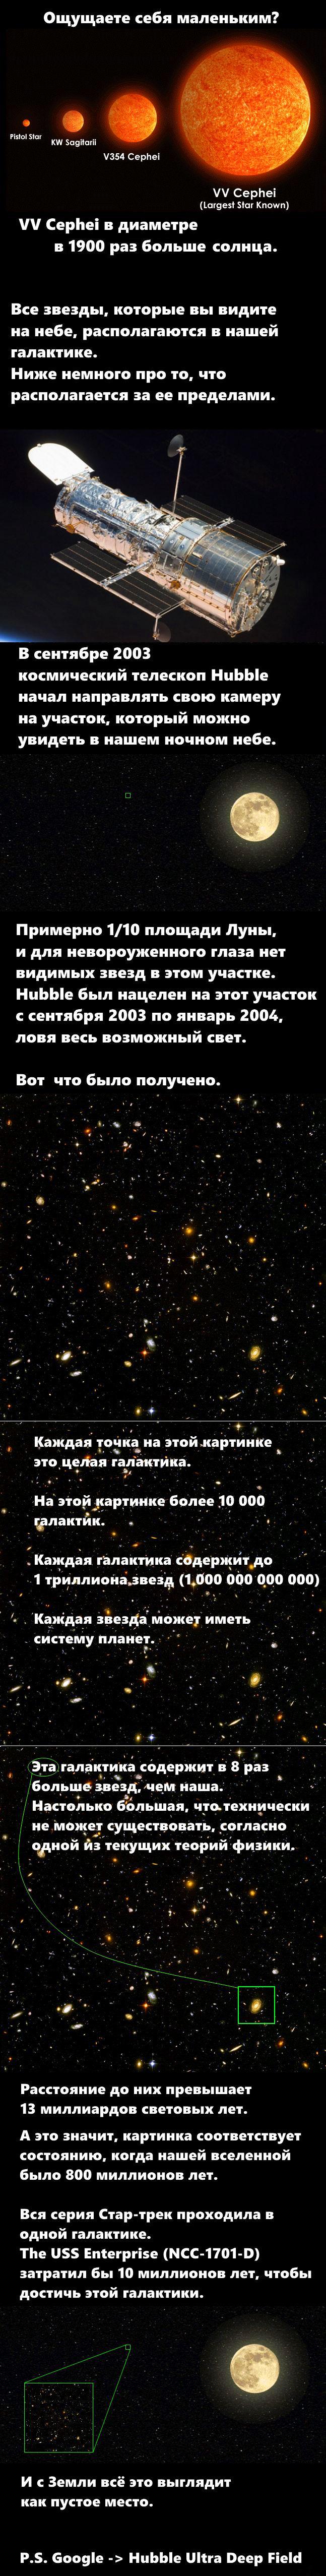 Невероятные размеры космических тел